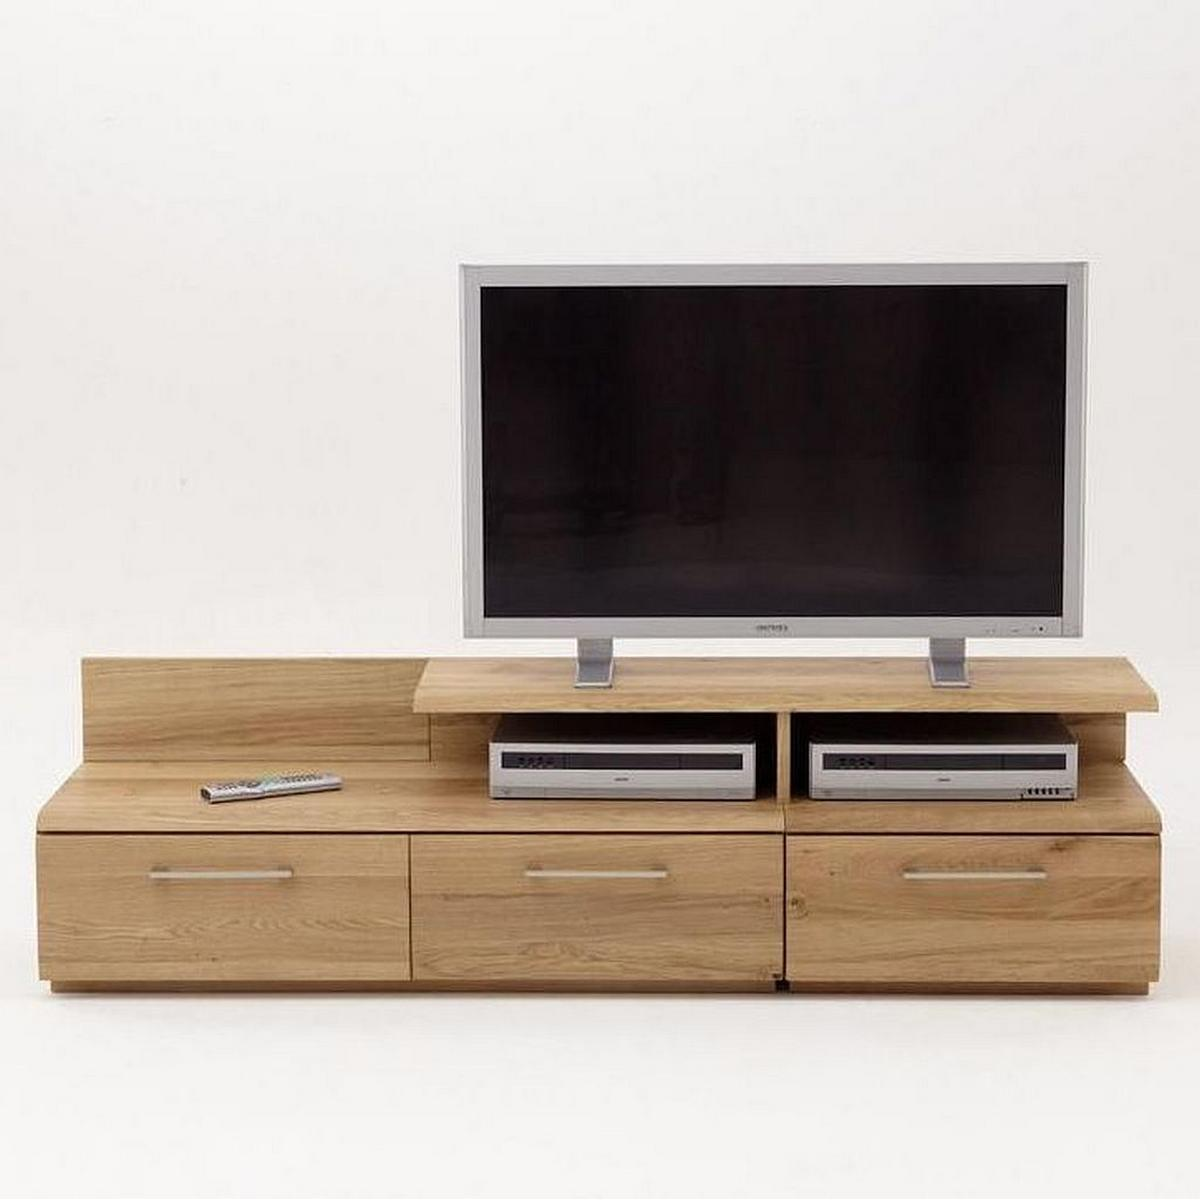 wildeiche trendy wildeiche with wildeiche free laminat. Black Bedroom Furniture Sets. Home Design Ideas